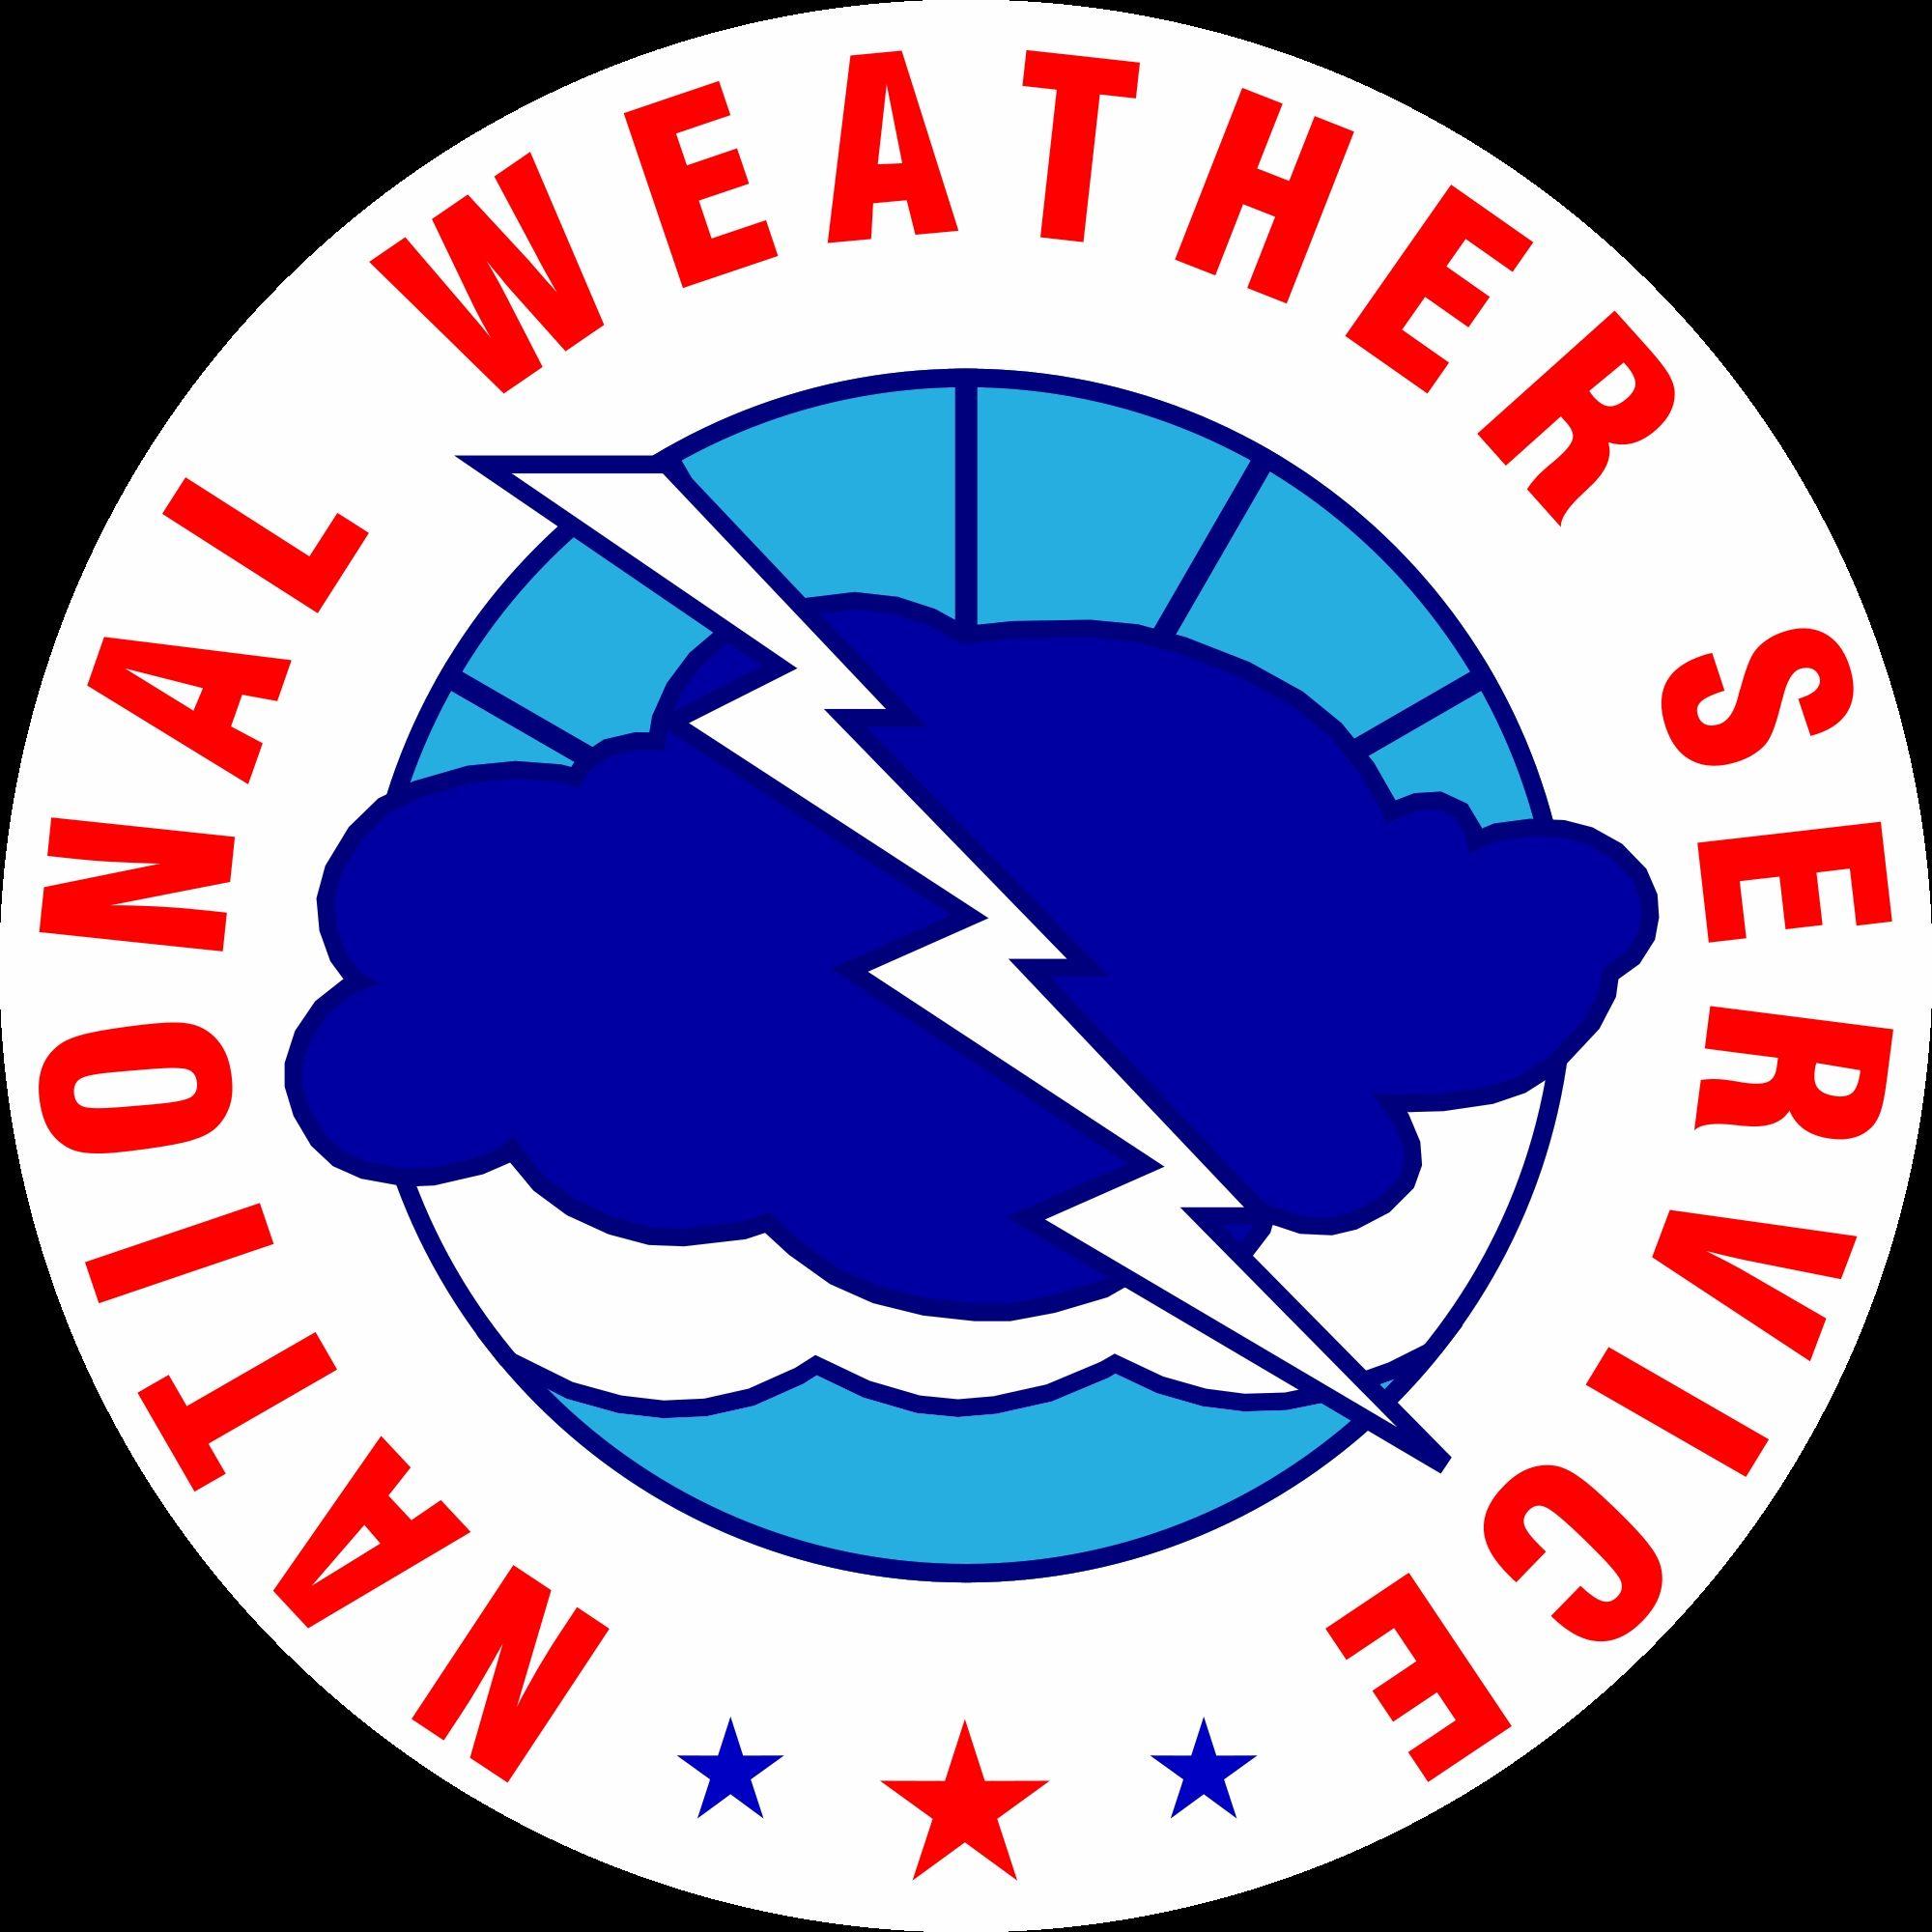 Deals Ireland 13017 Traveler Trip Travel Ireland In Unserem Blog Viel Mehr Informationen National Weather Service Winter Weather Advisory Severe Weather